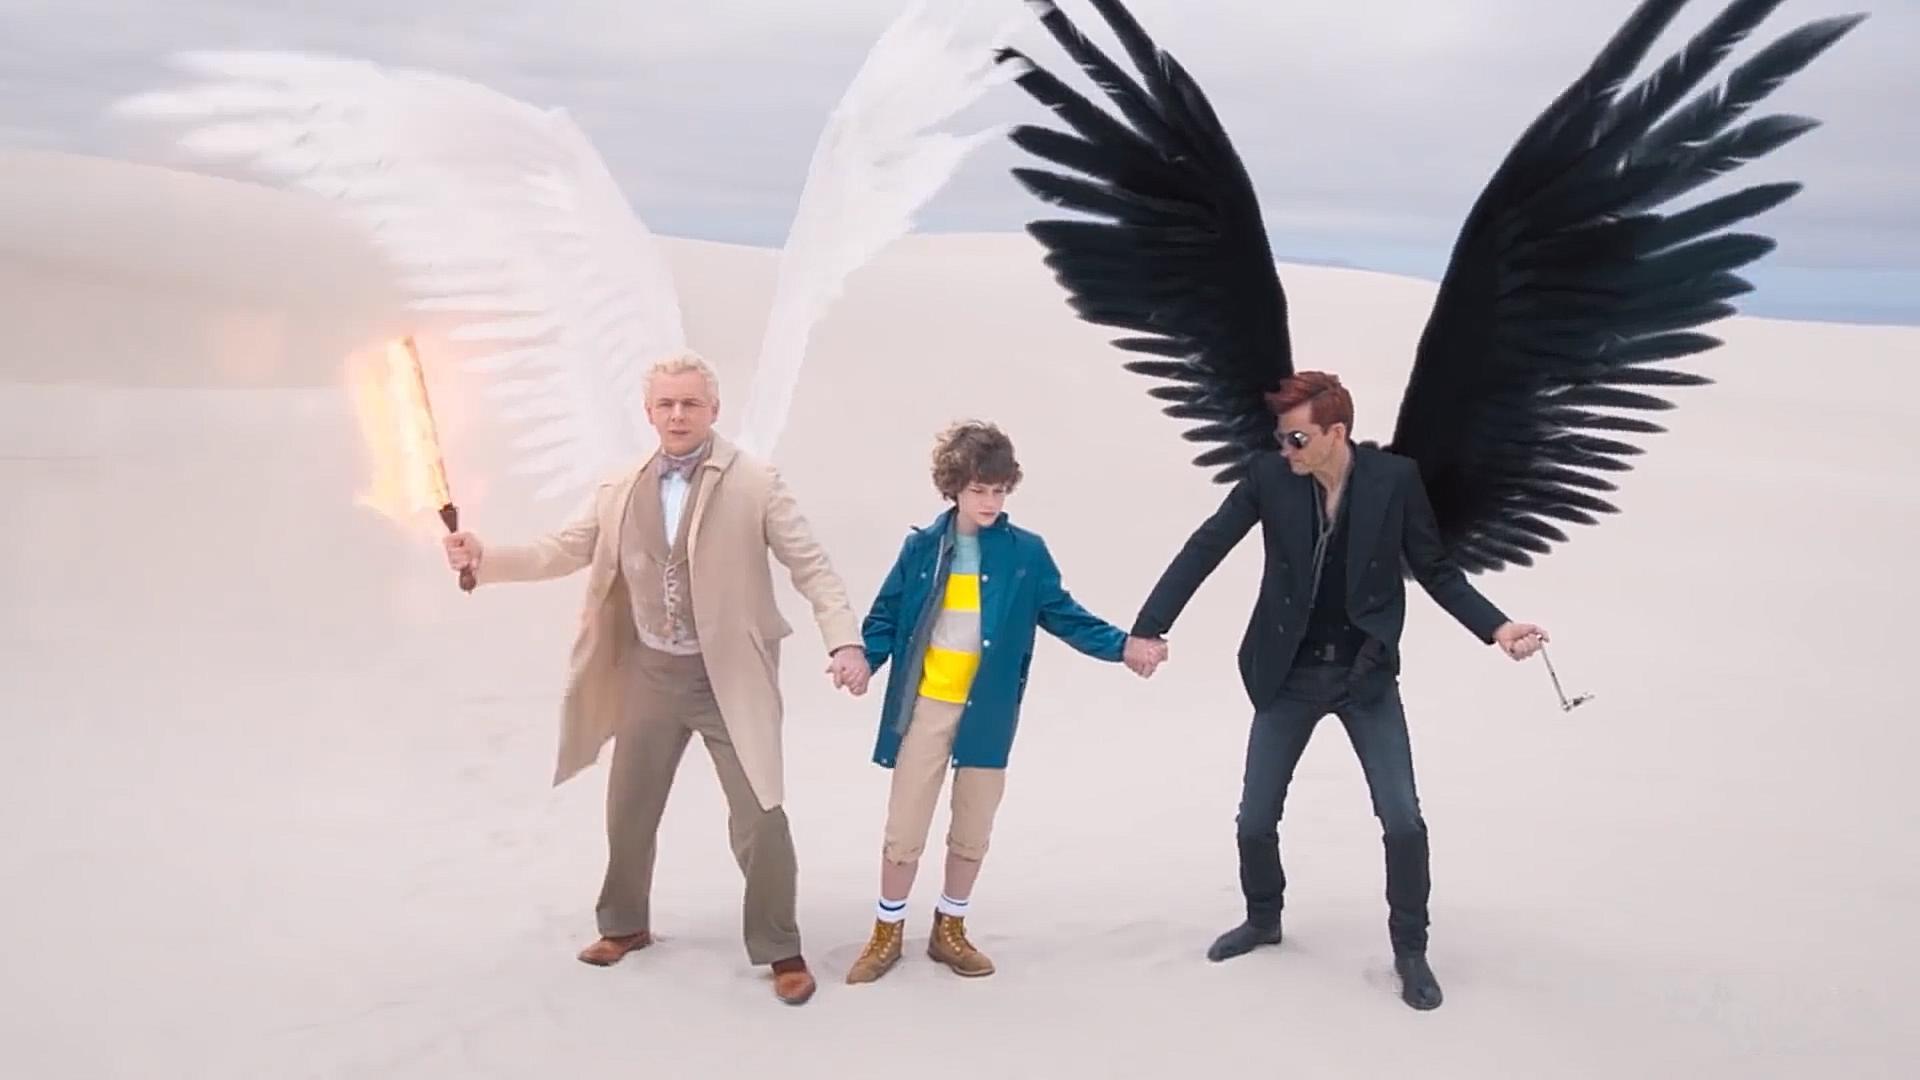 #电影最前线#《好兆头》世界末日即将来临,一个天使和一个恶魔必须组队来对抗